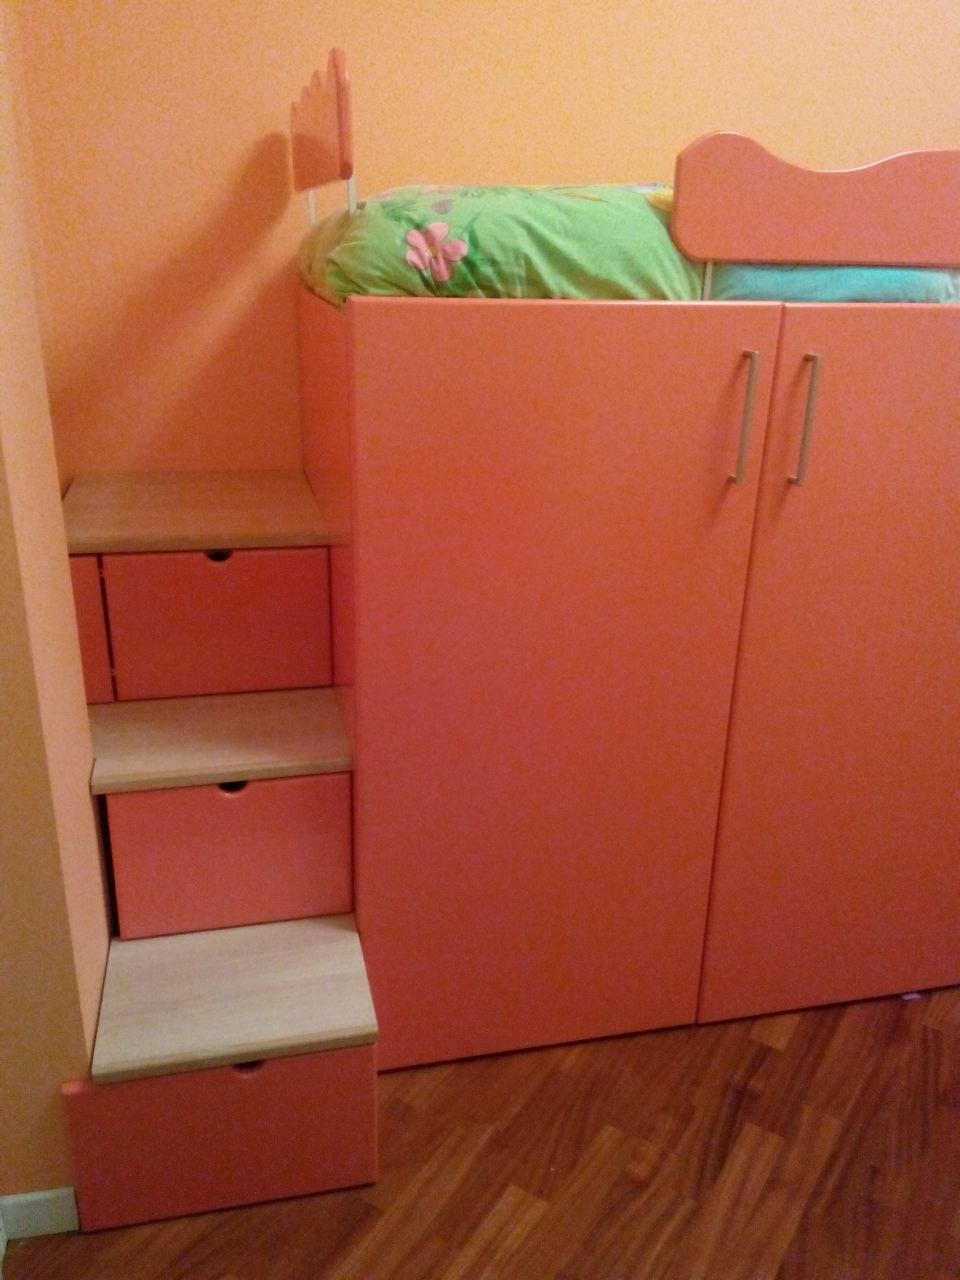 scala con cassetti-contenitore